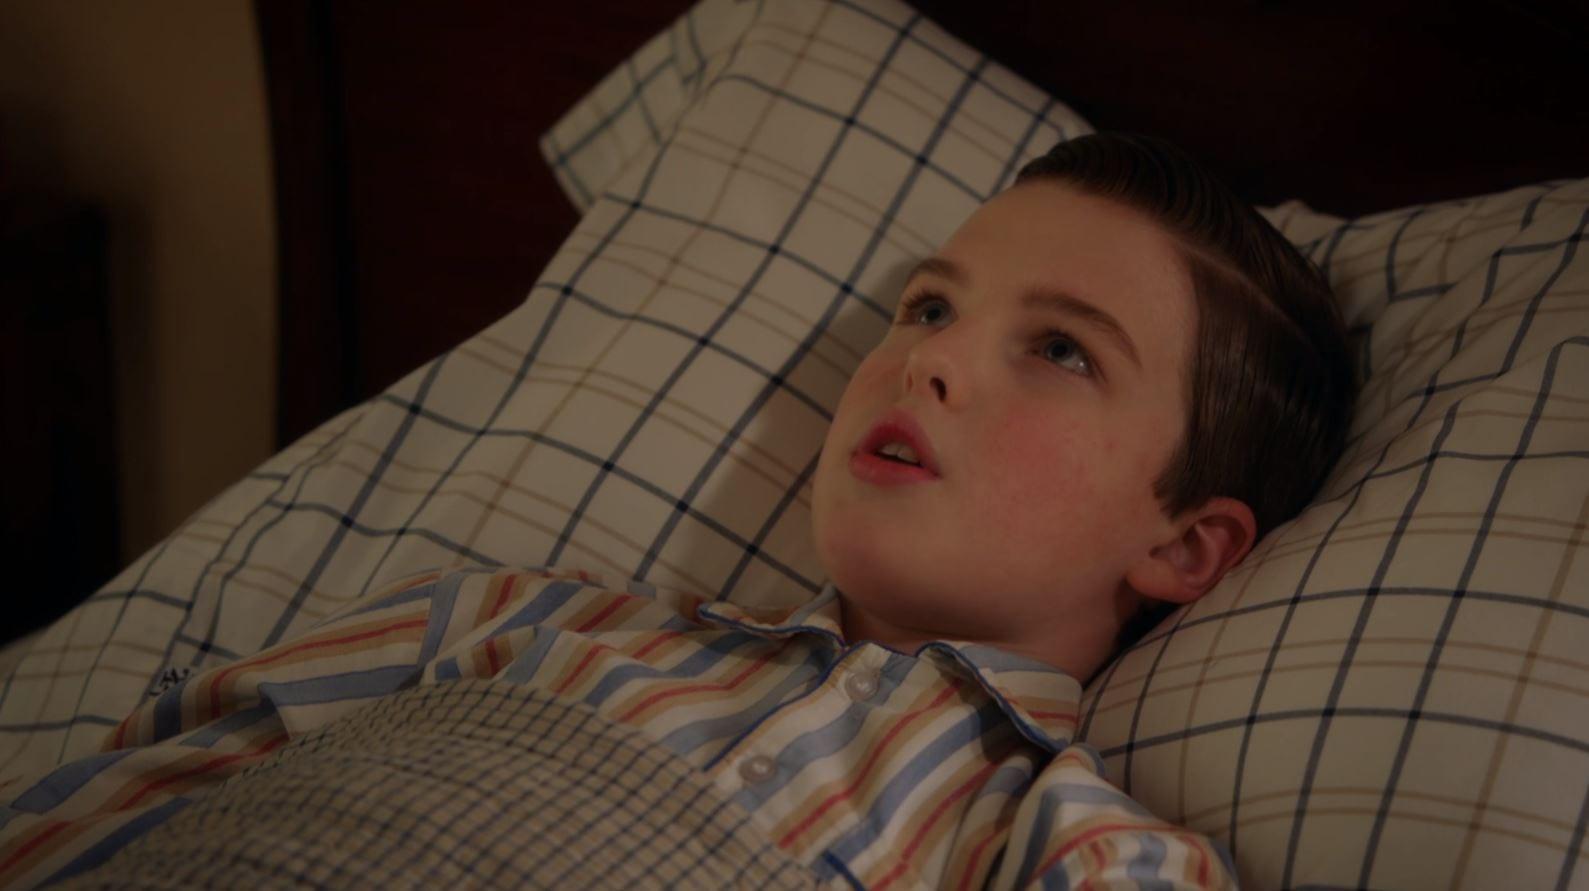 Preview and Recap: Young Sheldon Season 4 Episode 8